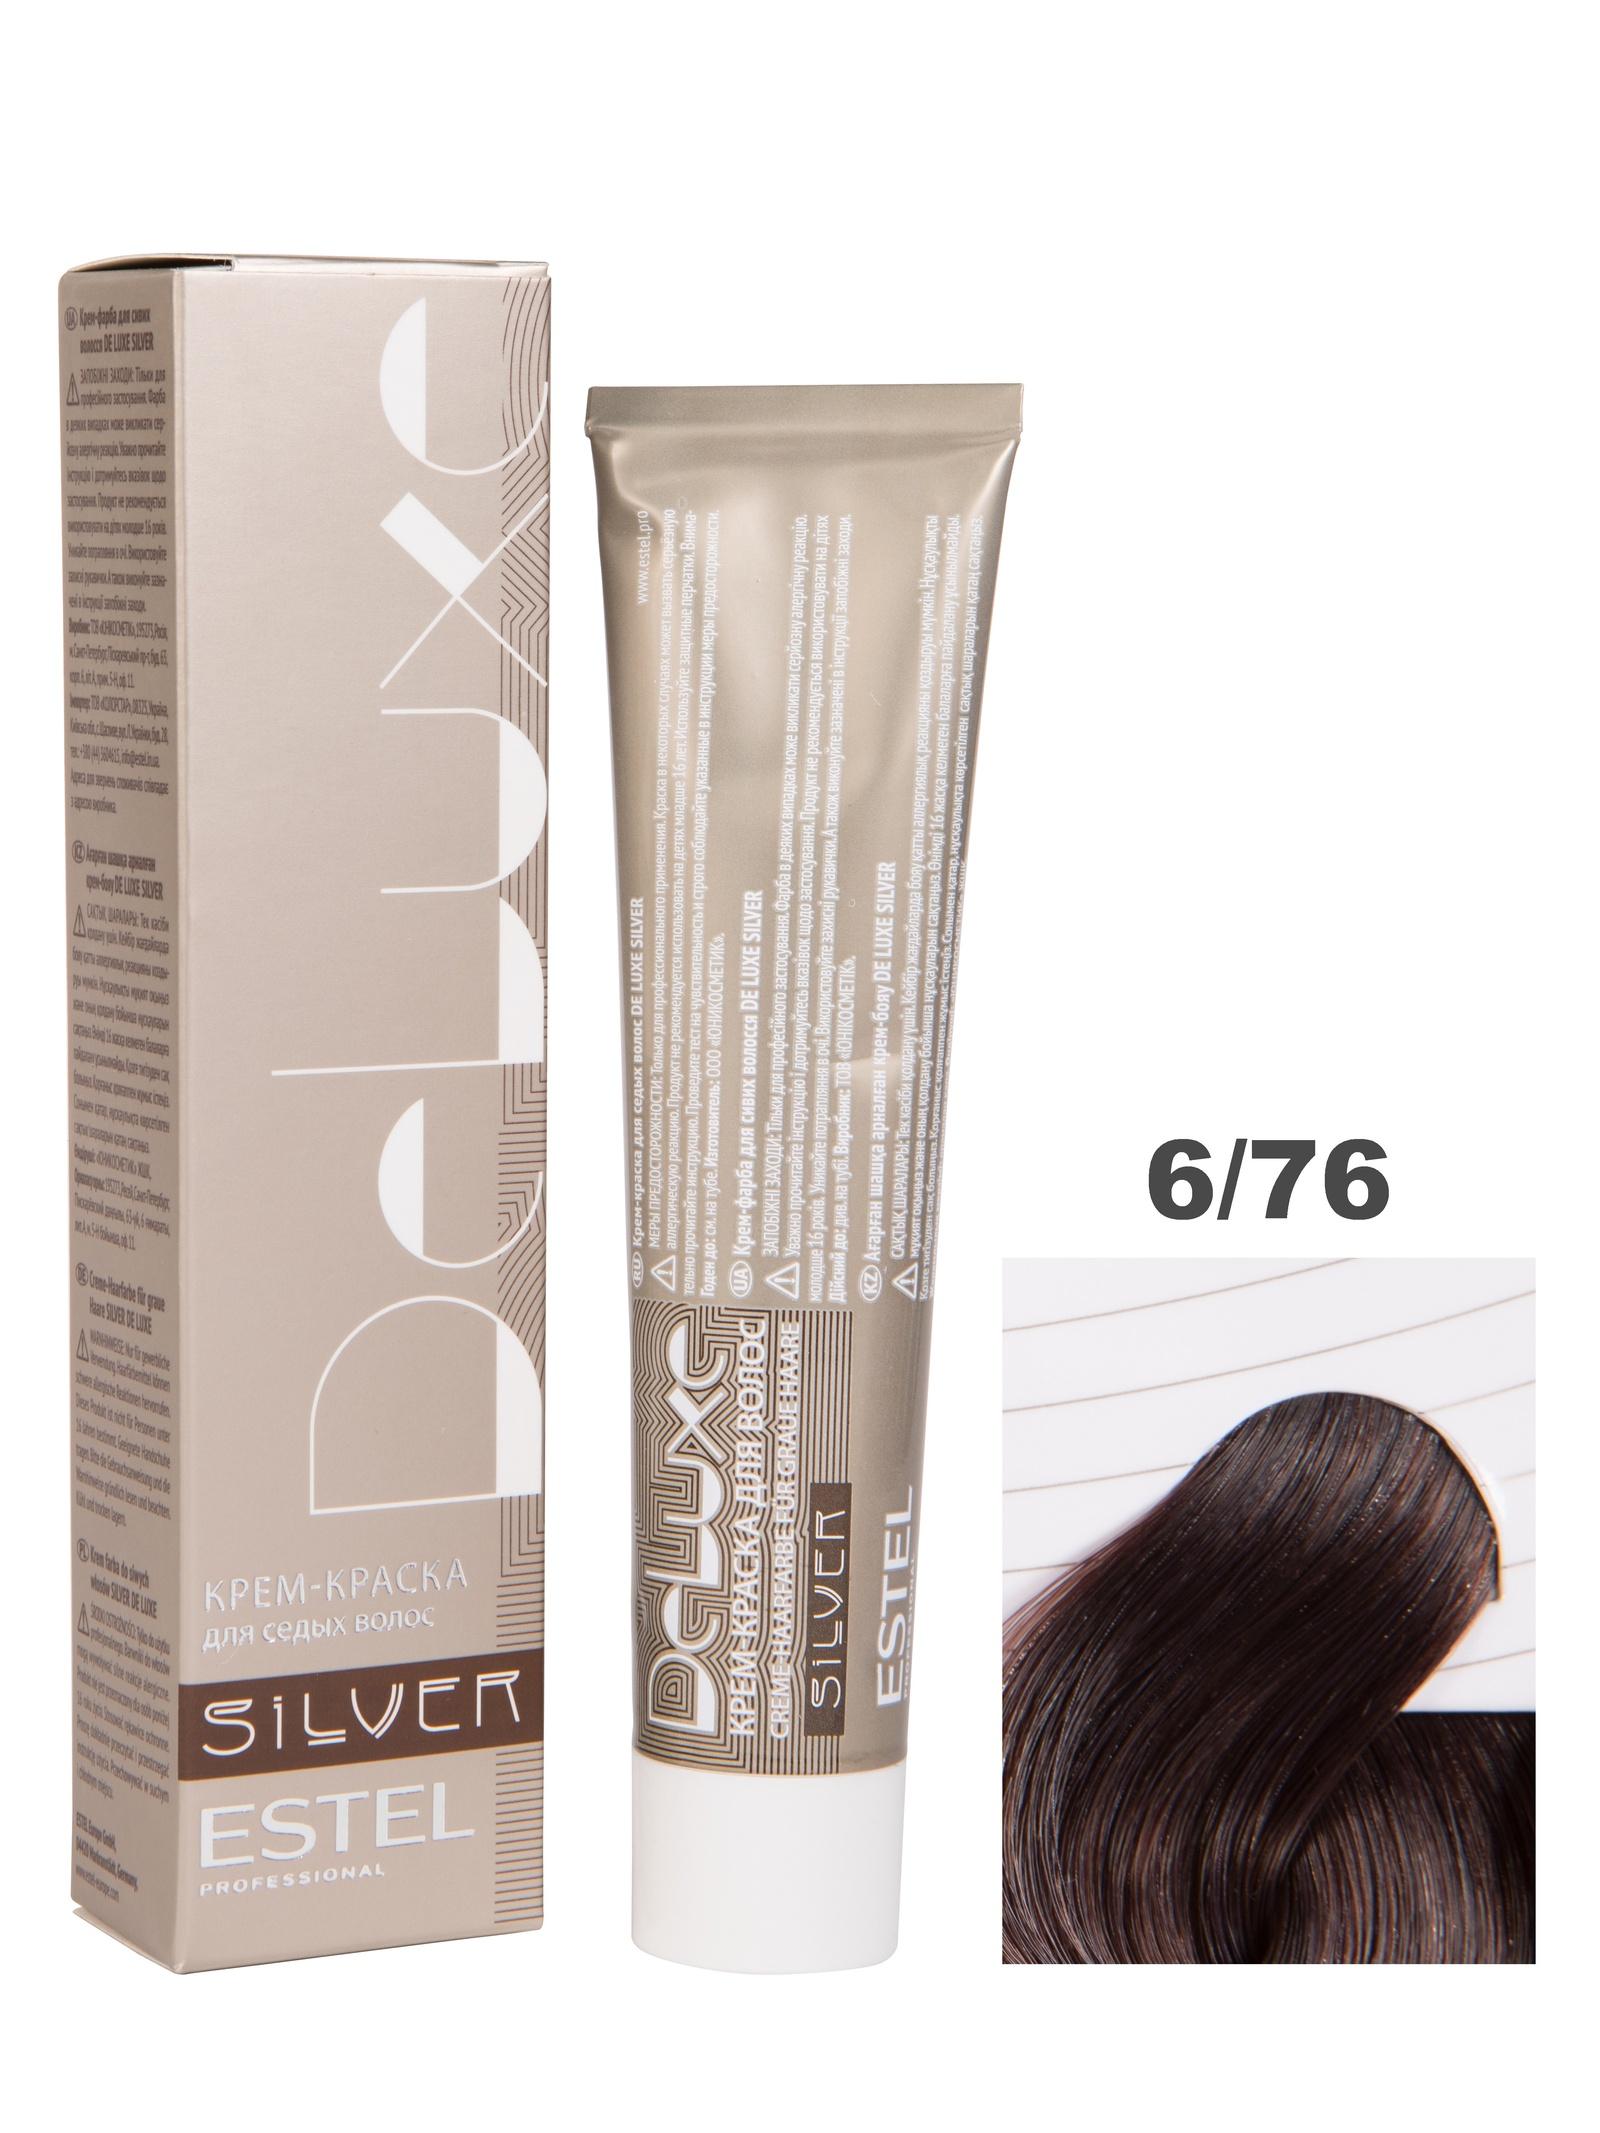 Краска-уход DE LUXE SILVER для окрашивания волос ESTEL PROFESSIONAL 6/76 темно-русый коричнево-фиолетовый 60 мл estel крем краска 7 76 de luxe silver русый коричнево фиолетовый 60 мл